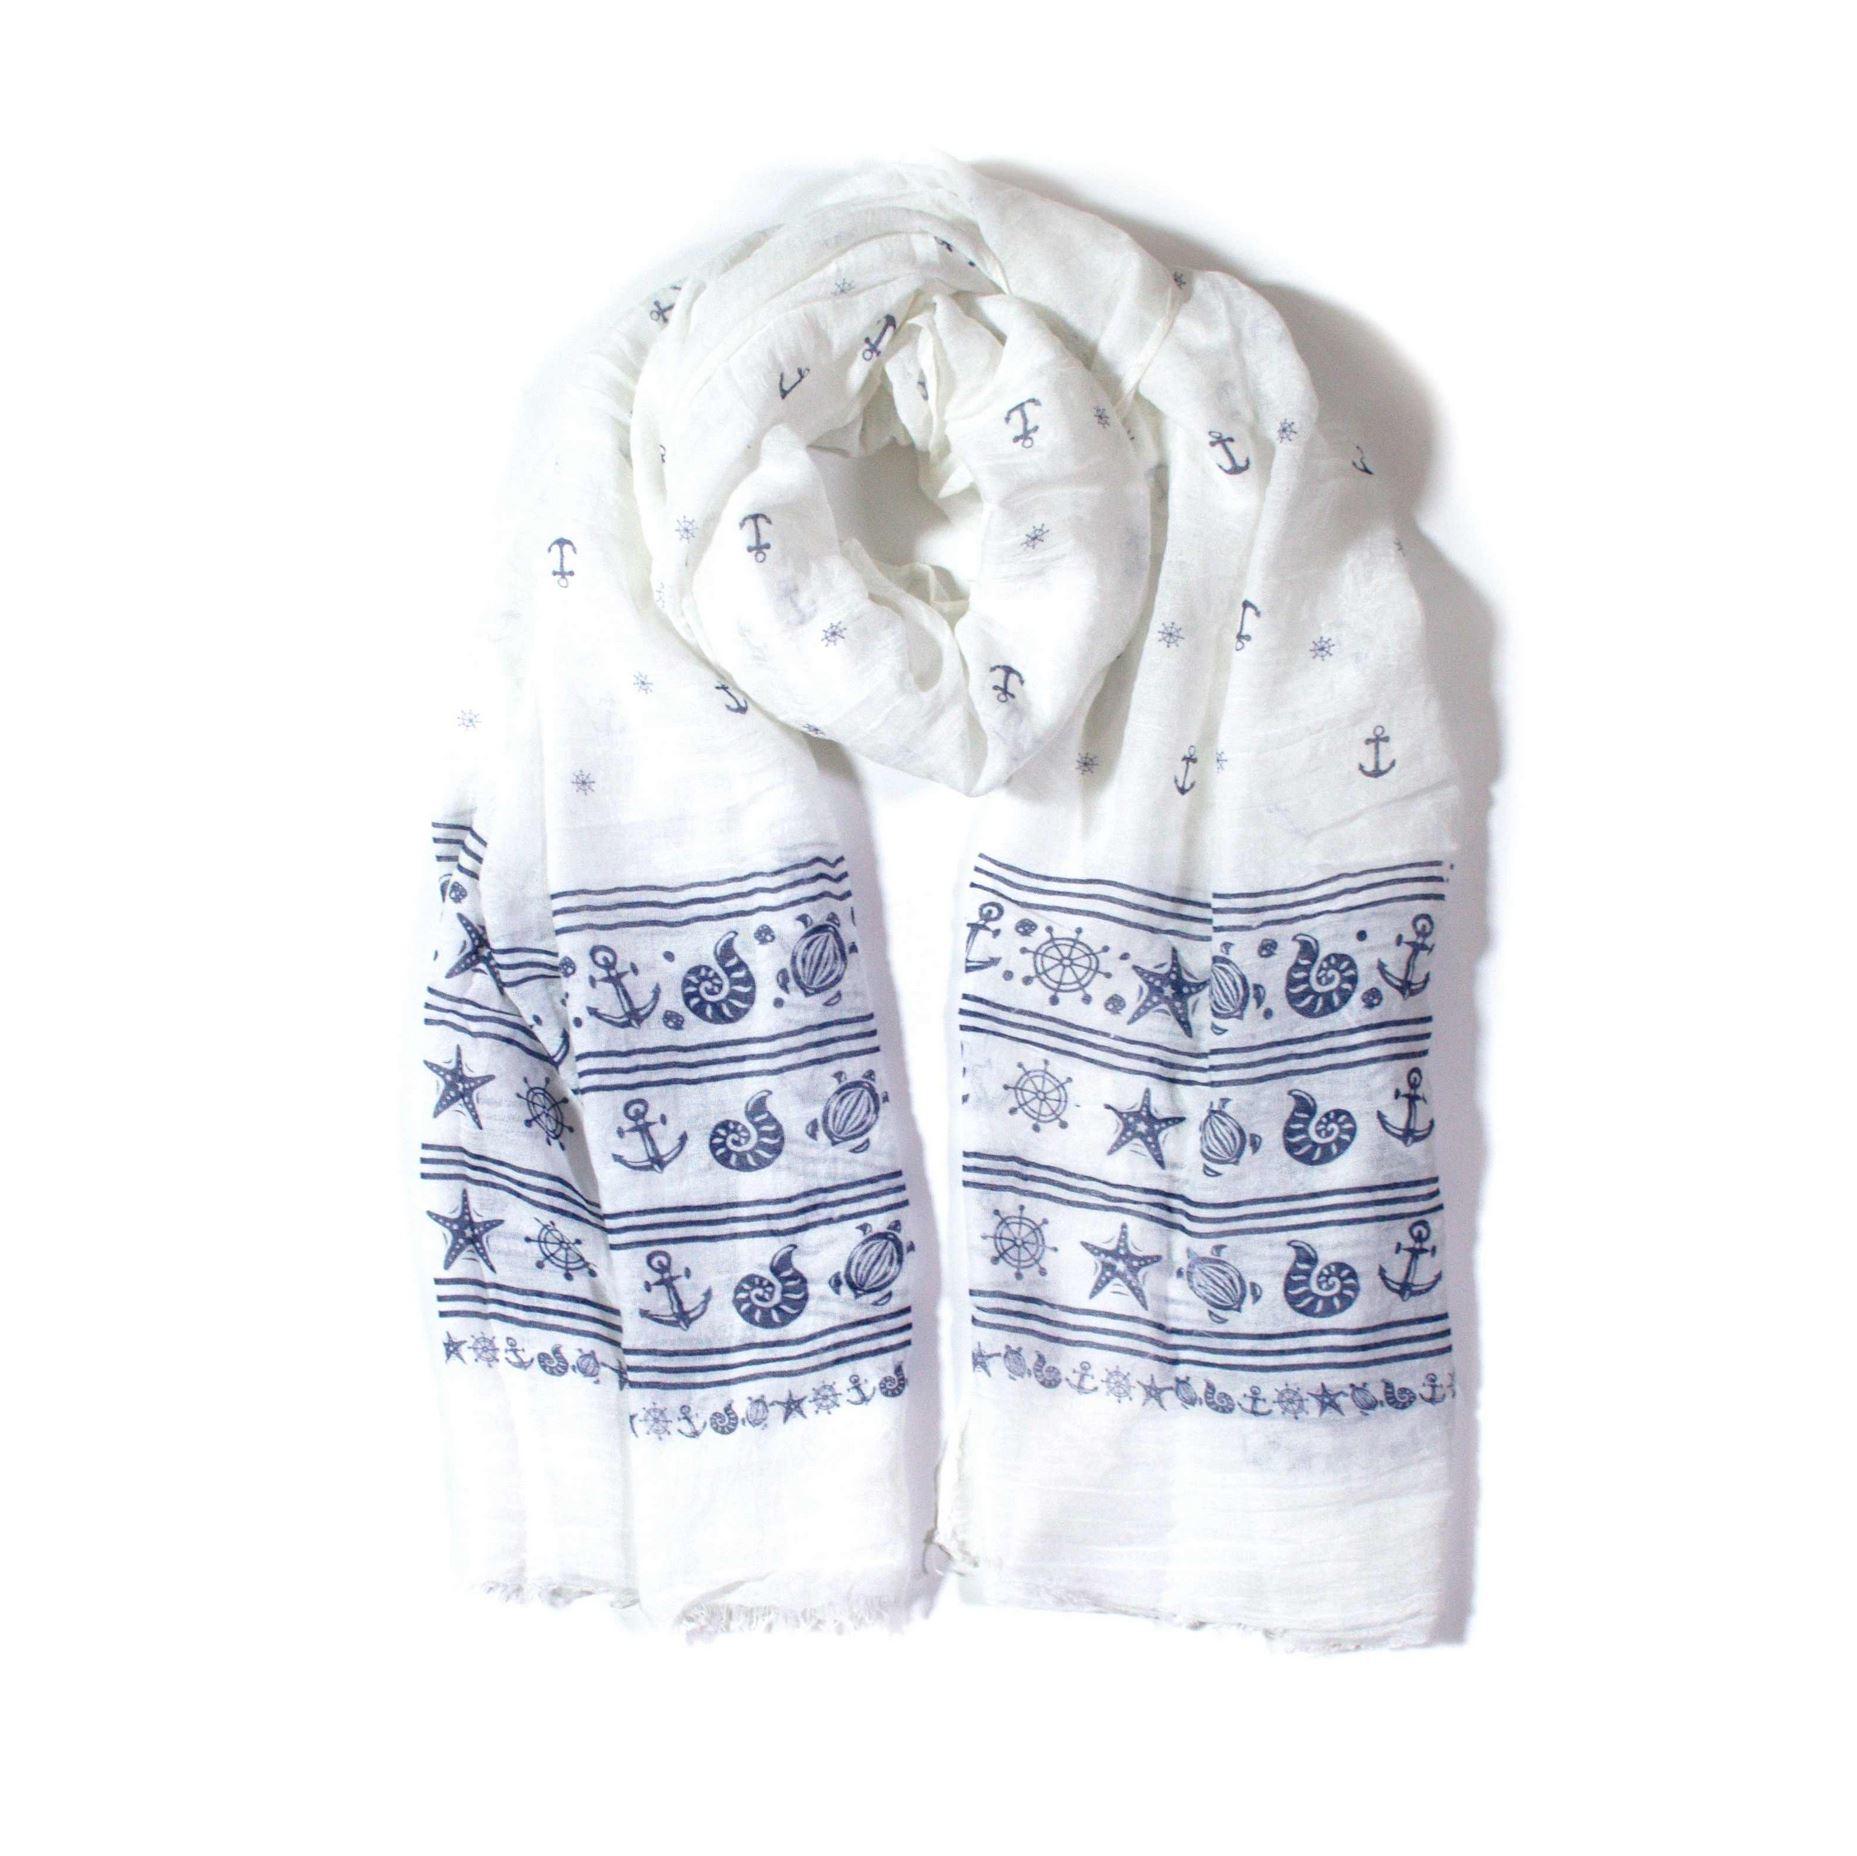 OEM Velký dlouhý šátek bílý s námořnickým vzorem 180cm*70cm 4B1-121412